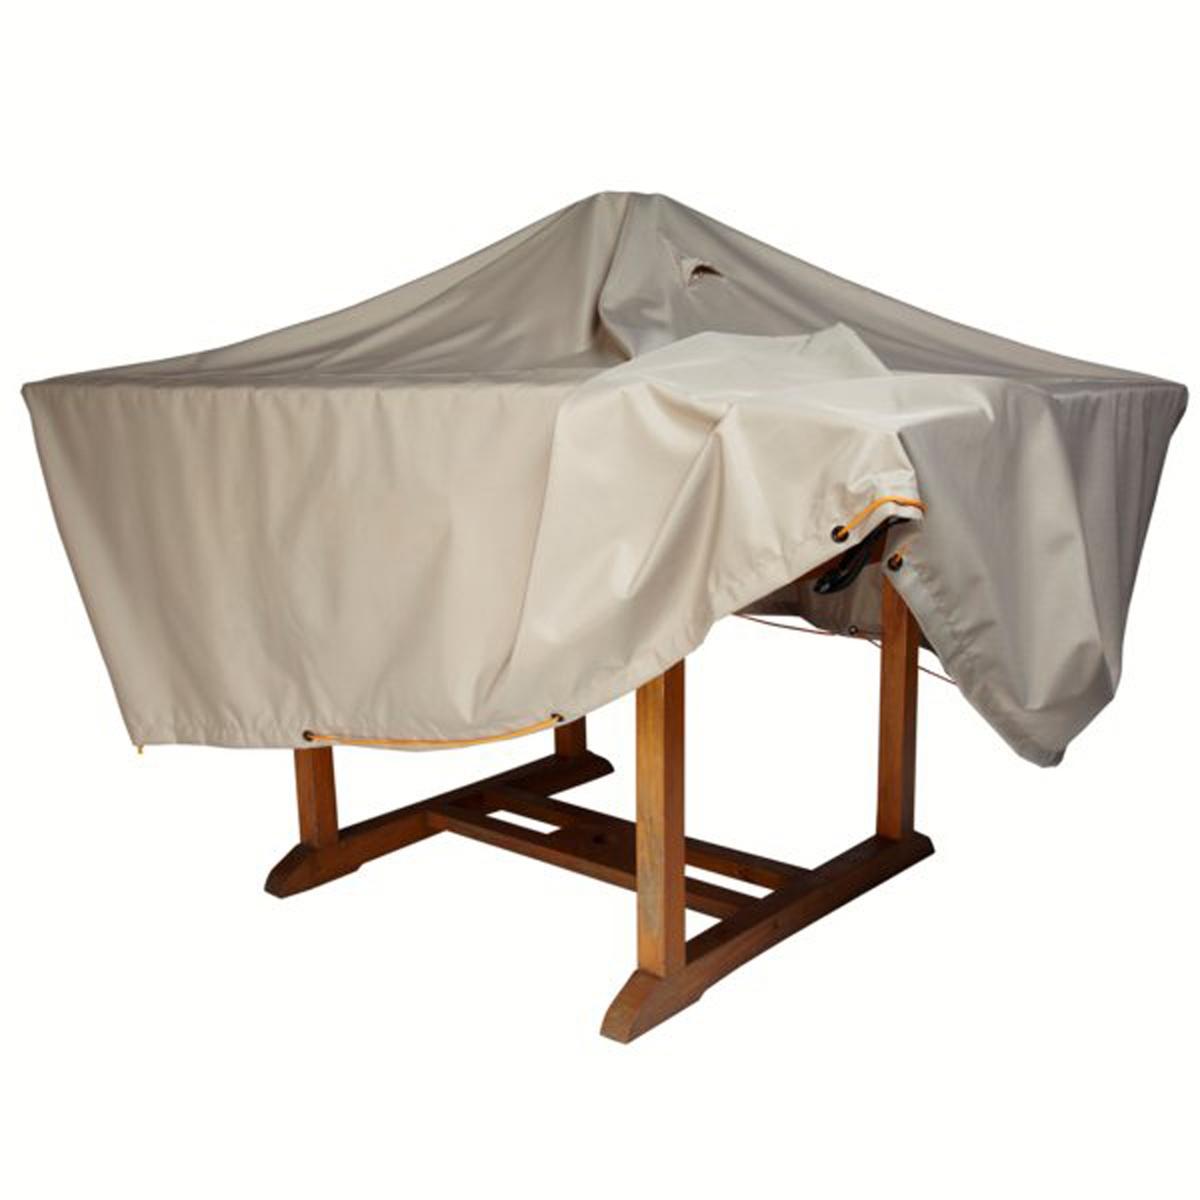 Telo impermeabile per tavolo da giardino larghezza 170 cm